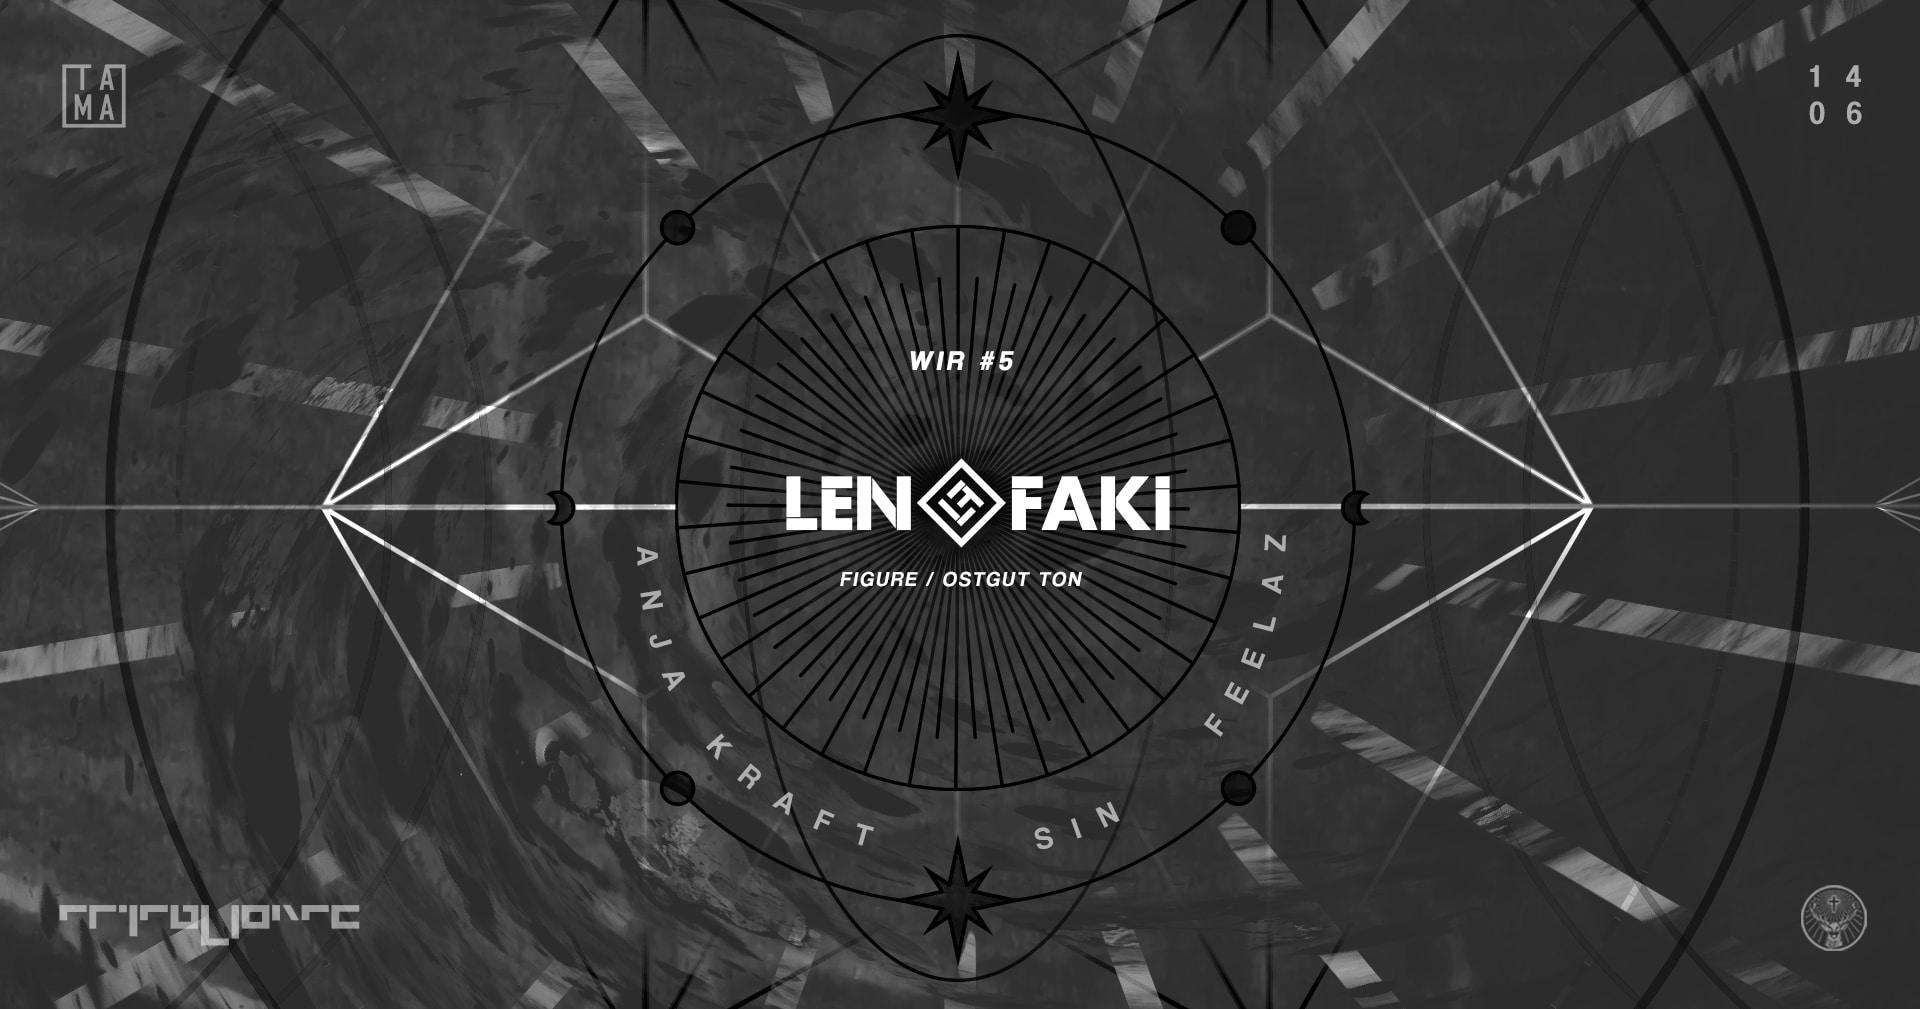 WIR #5: Len Faki